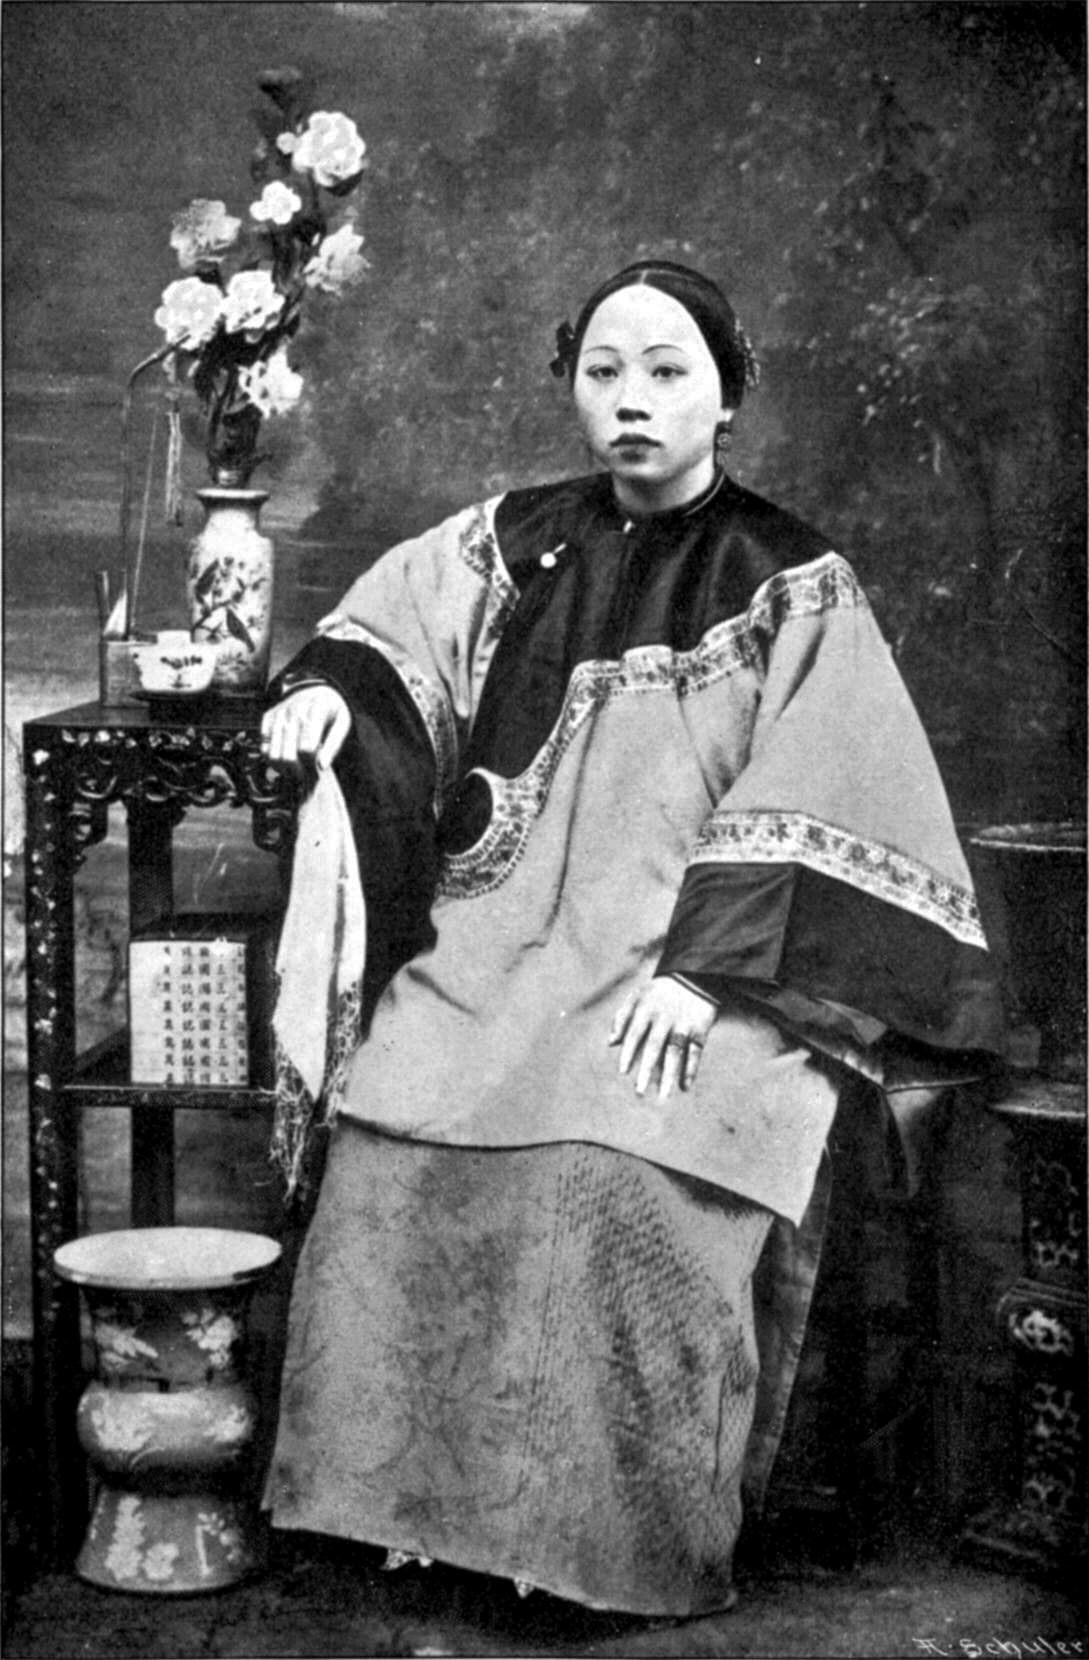 cheongsam � wikipedia